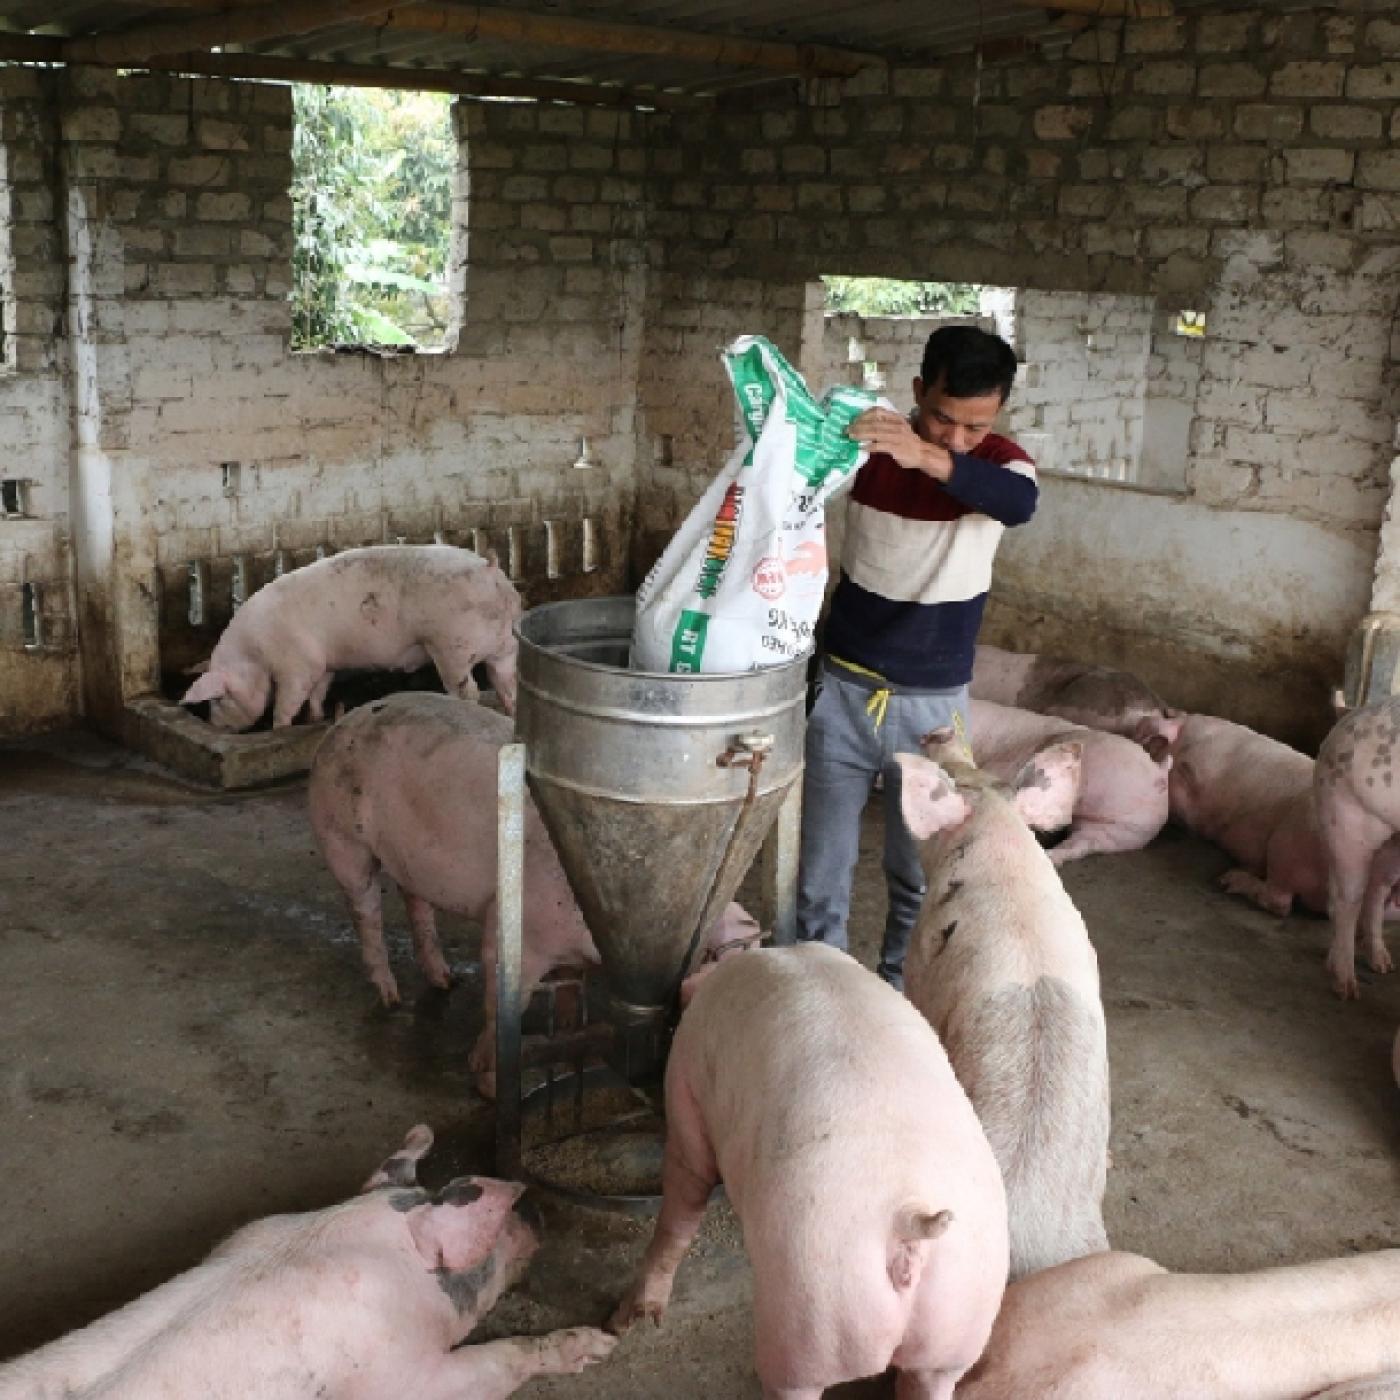 """Giá thức ăn chăn nuôi tăng """"nóng"""", ai cũng phàn nàn, Cục Chăn nuôi dự báo gì? - Ảnh 2."""